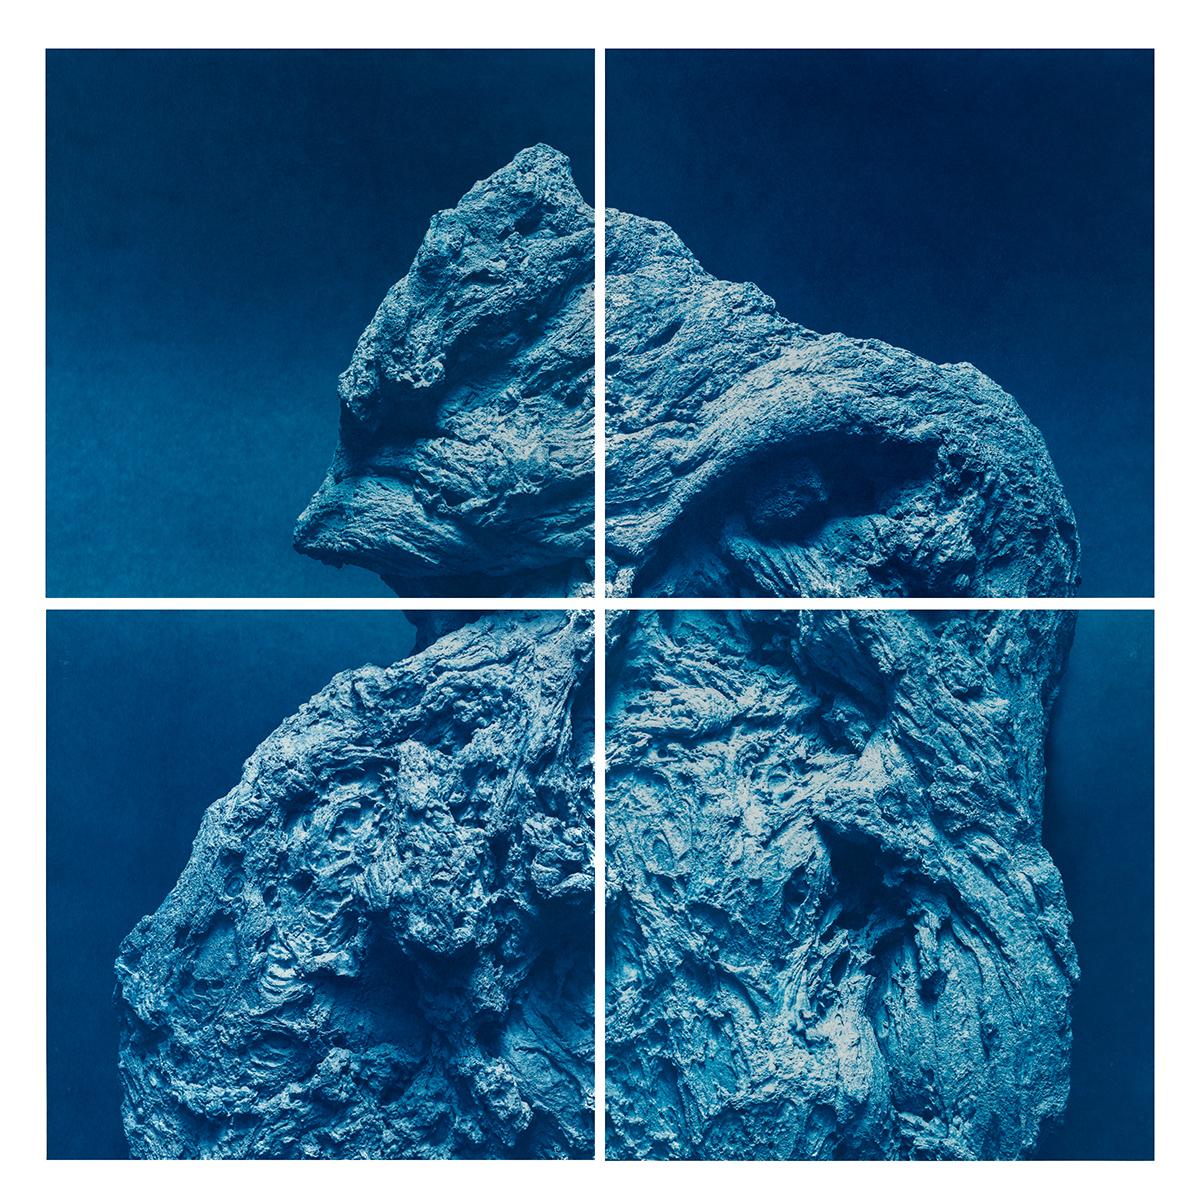 Rock cyanotype